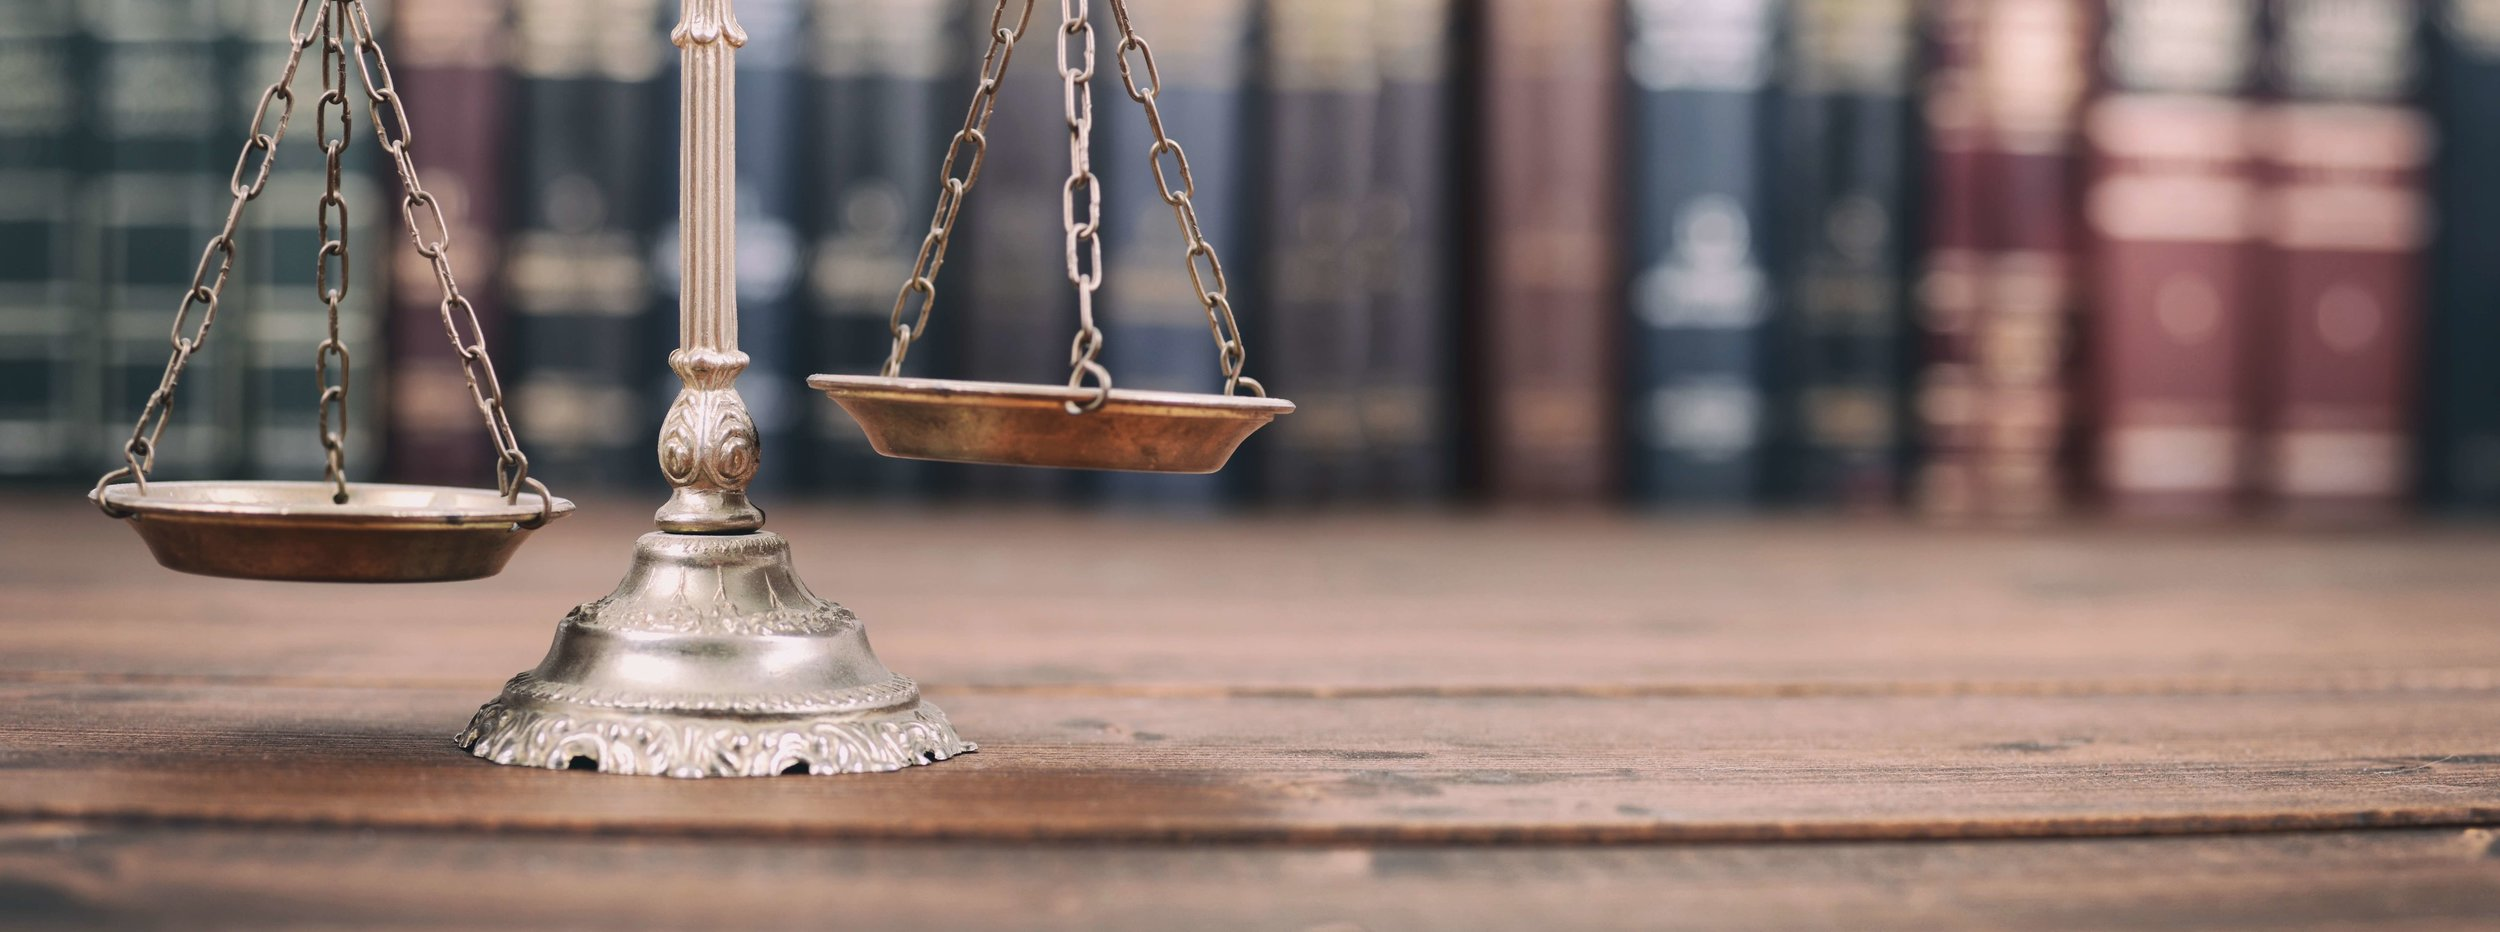 AdobeStock_200849637 scales of justice.jpg